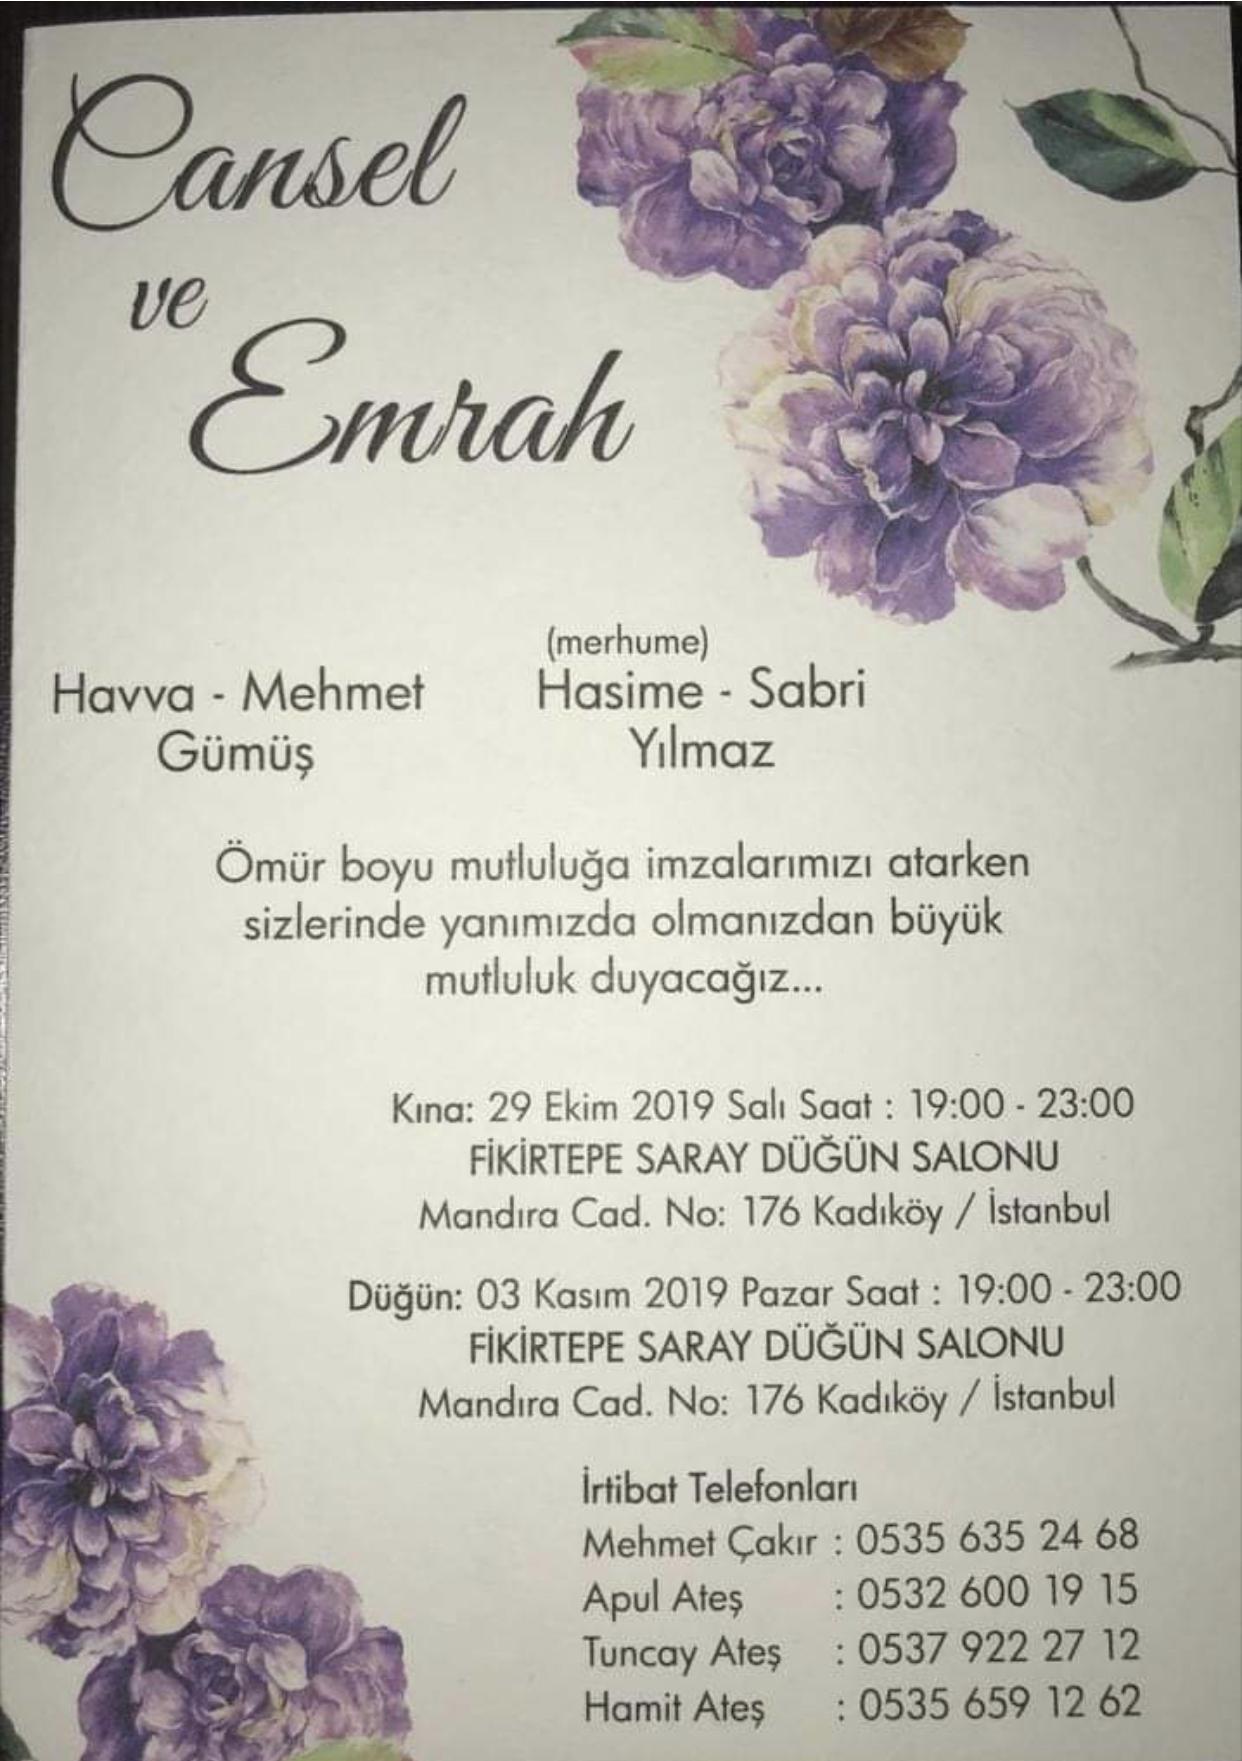 Sitemiz Köşe Yazarı Mehmet GÜMÜŞ Kızının Düğününe Sizleri Davet Ediyor